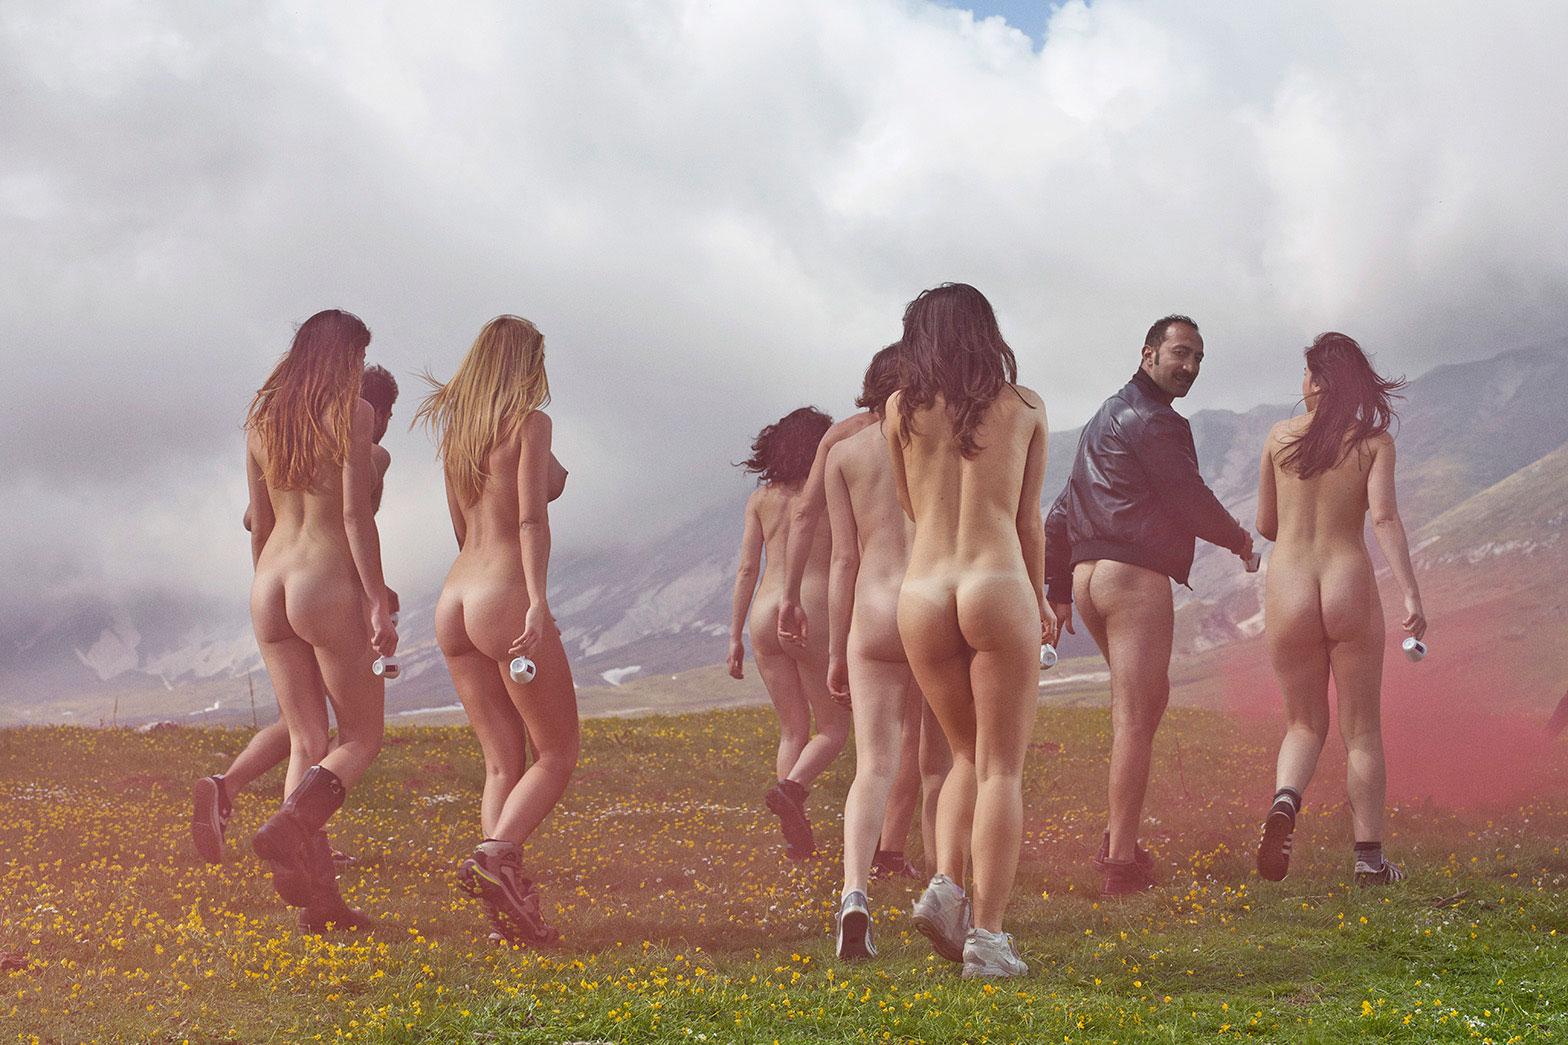 Фотоповороты Финлея МакКея (10 фото) 18+